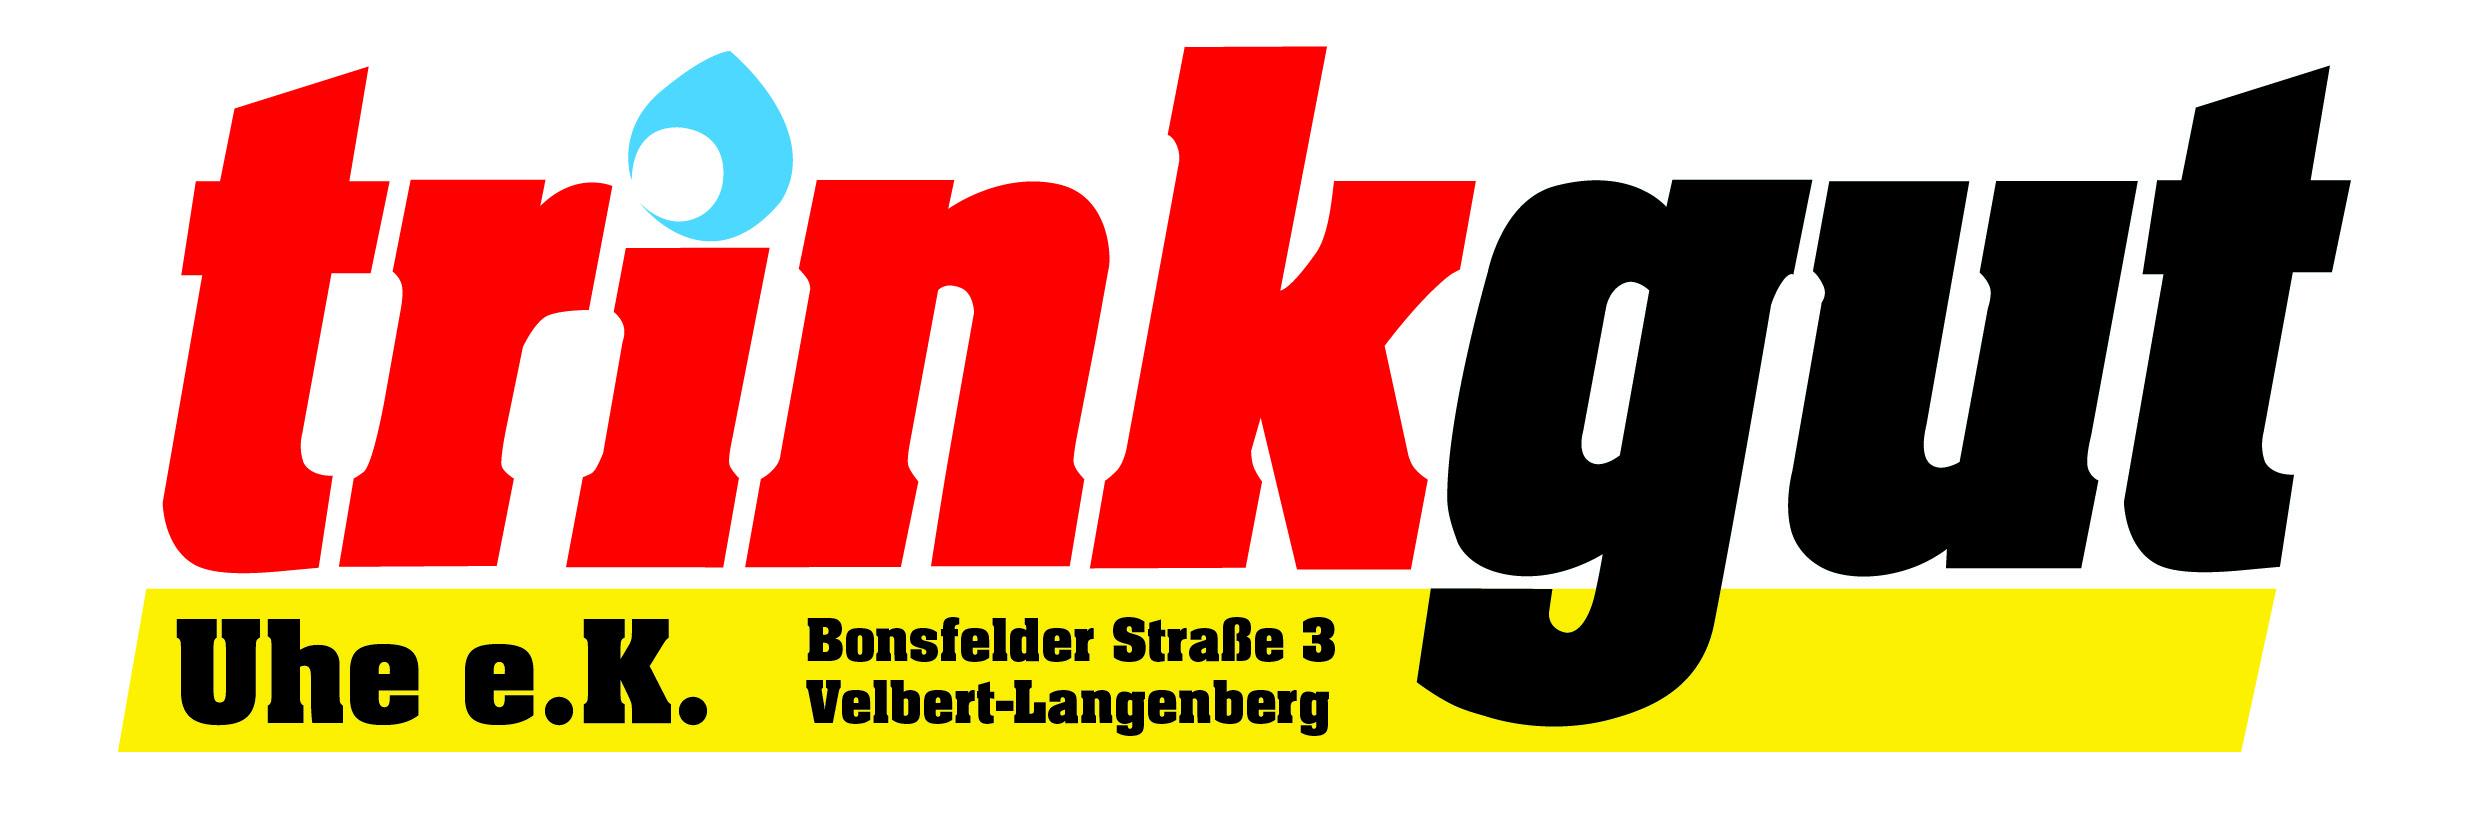 TG-Logo_Uhe_mit_Adresse